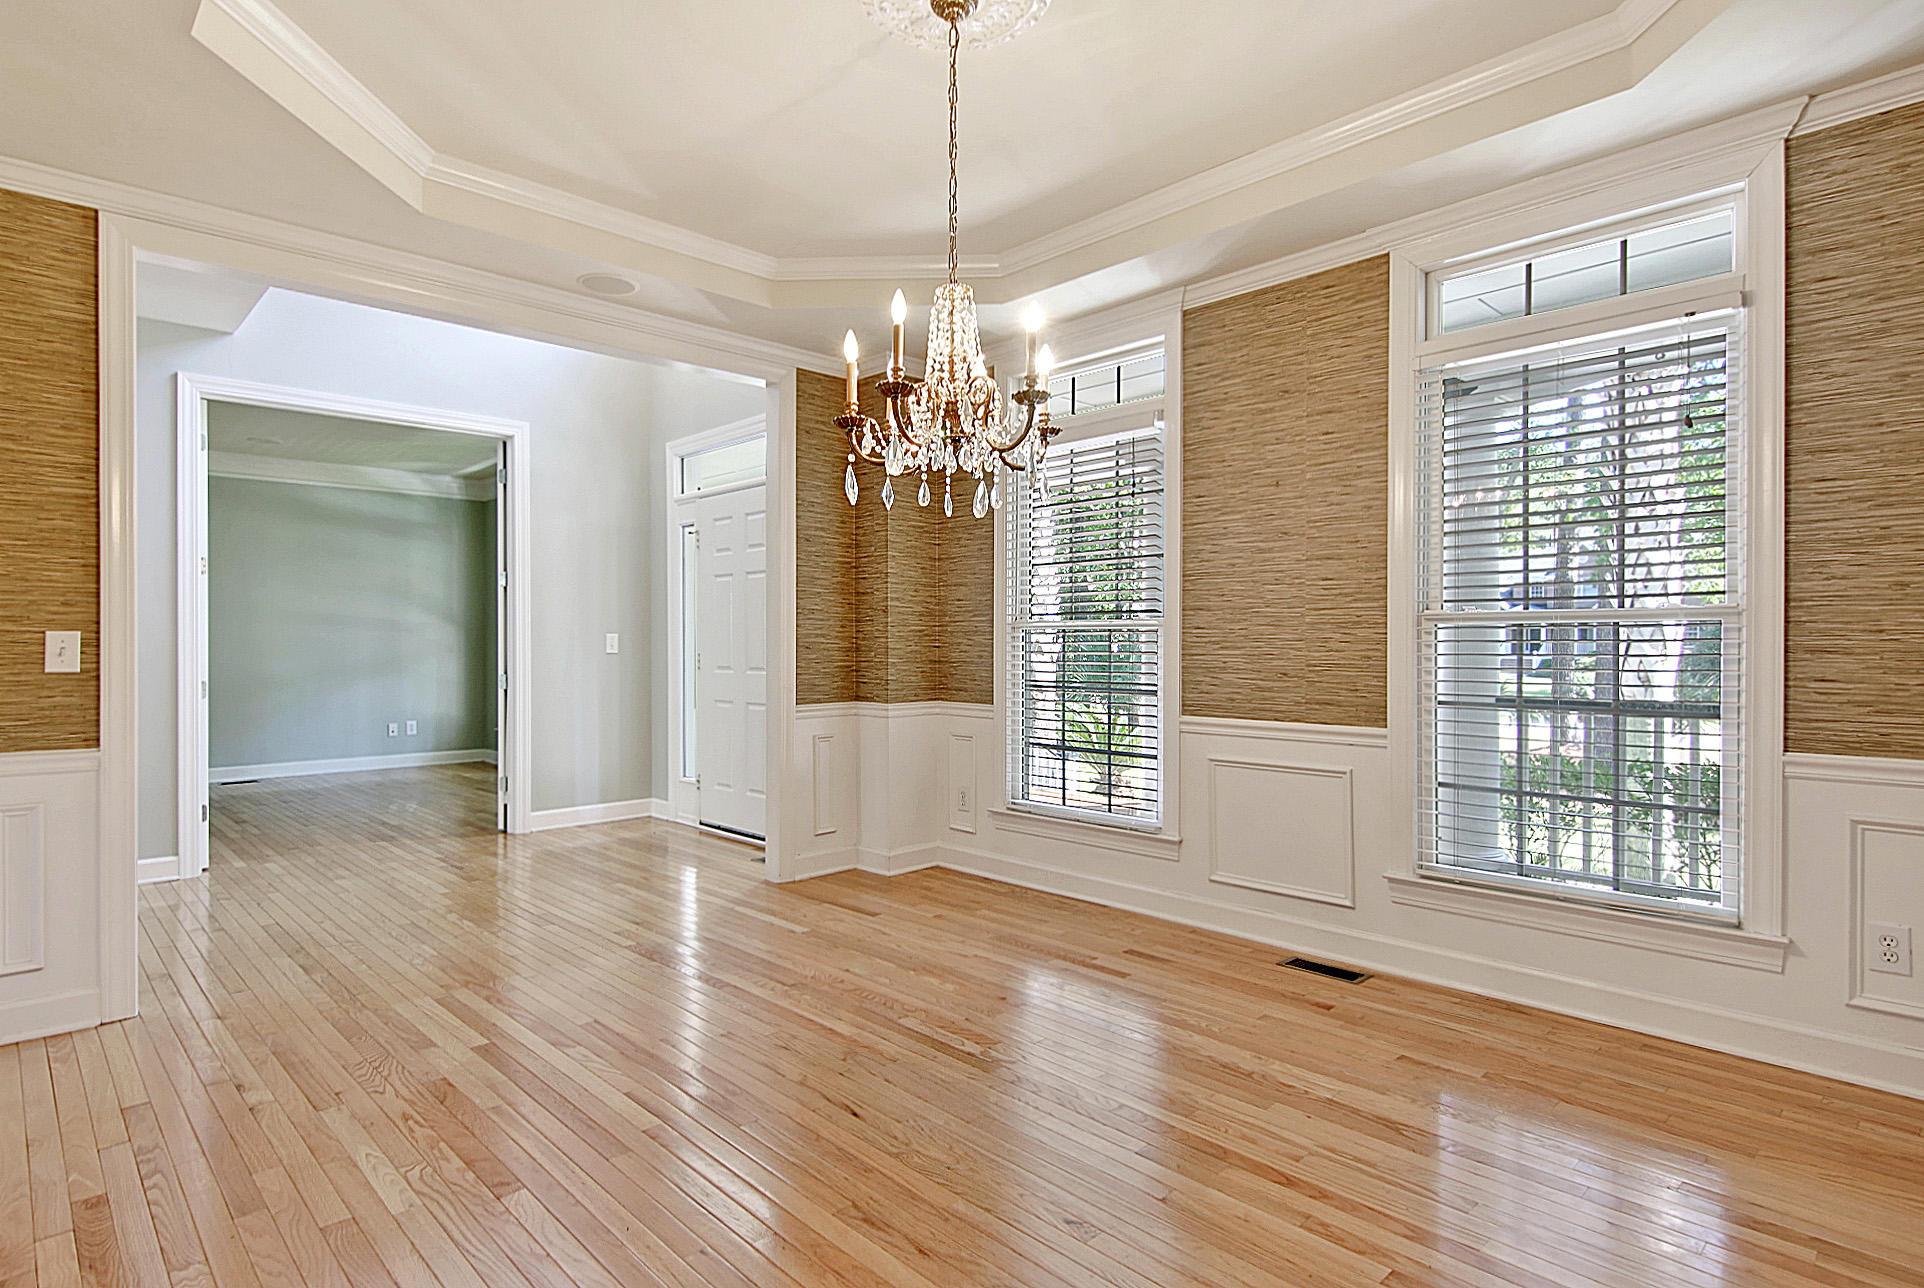 Dunes West Homes For Sale - 2236 Black Oak, Mount Pleasant, SC - 6